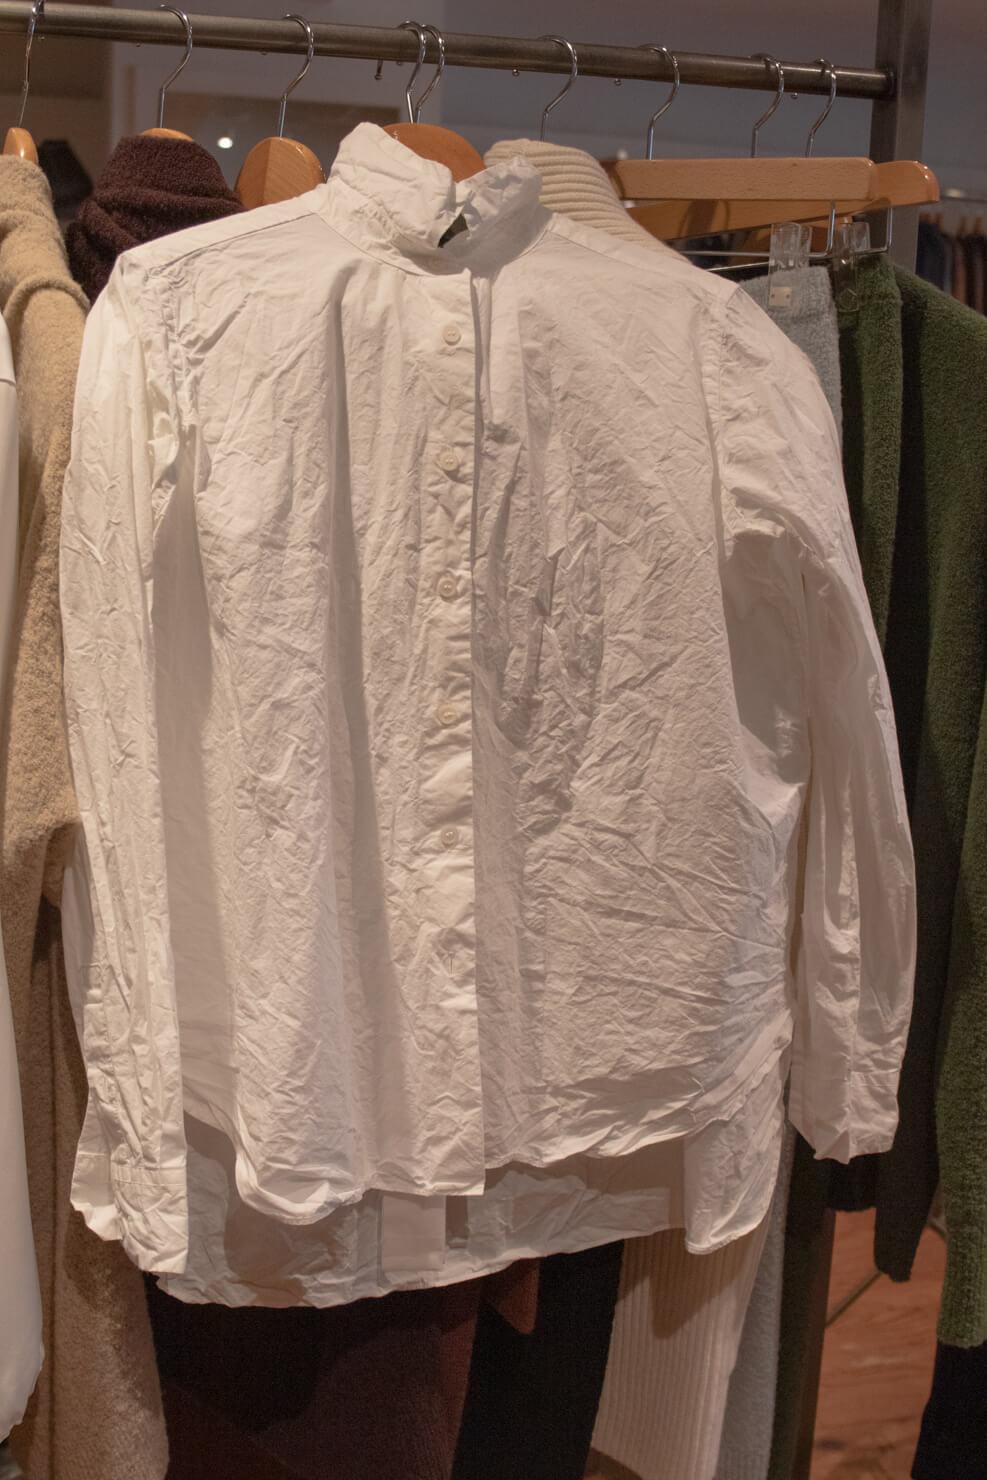 シワ加工がなステキなペーパーコットンのシャツの写真